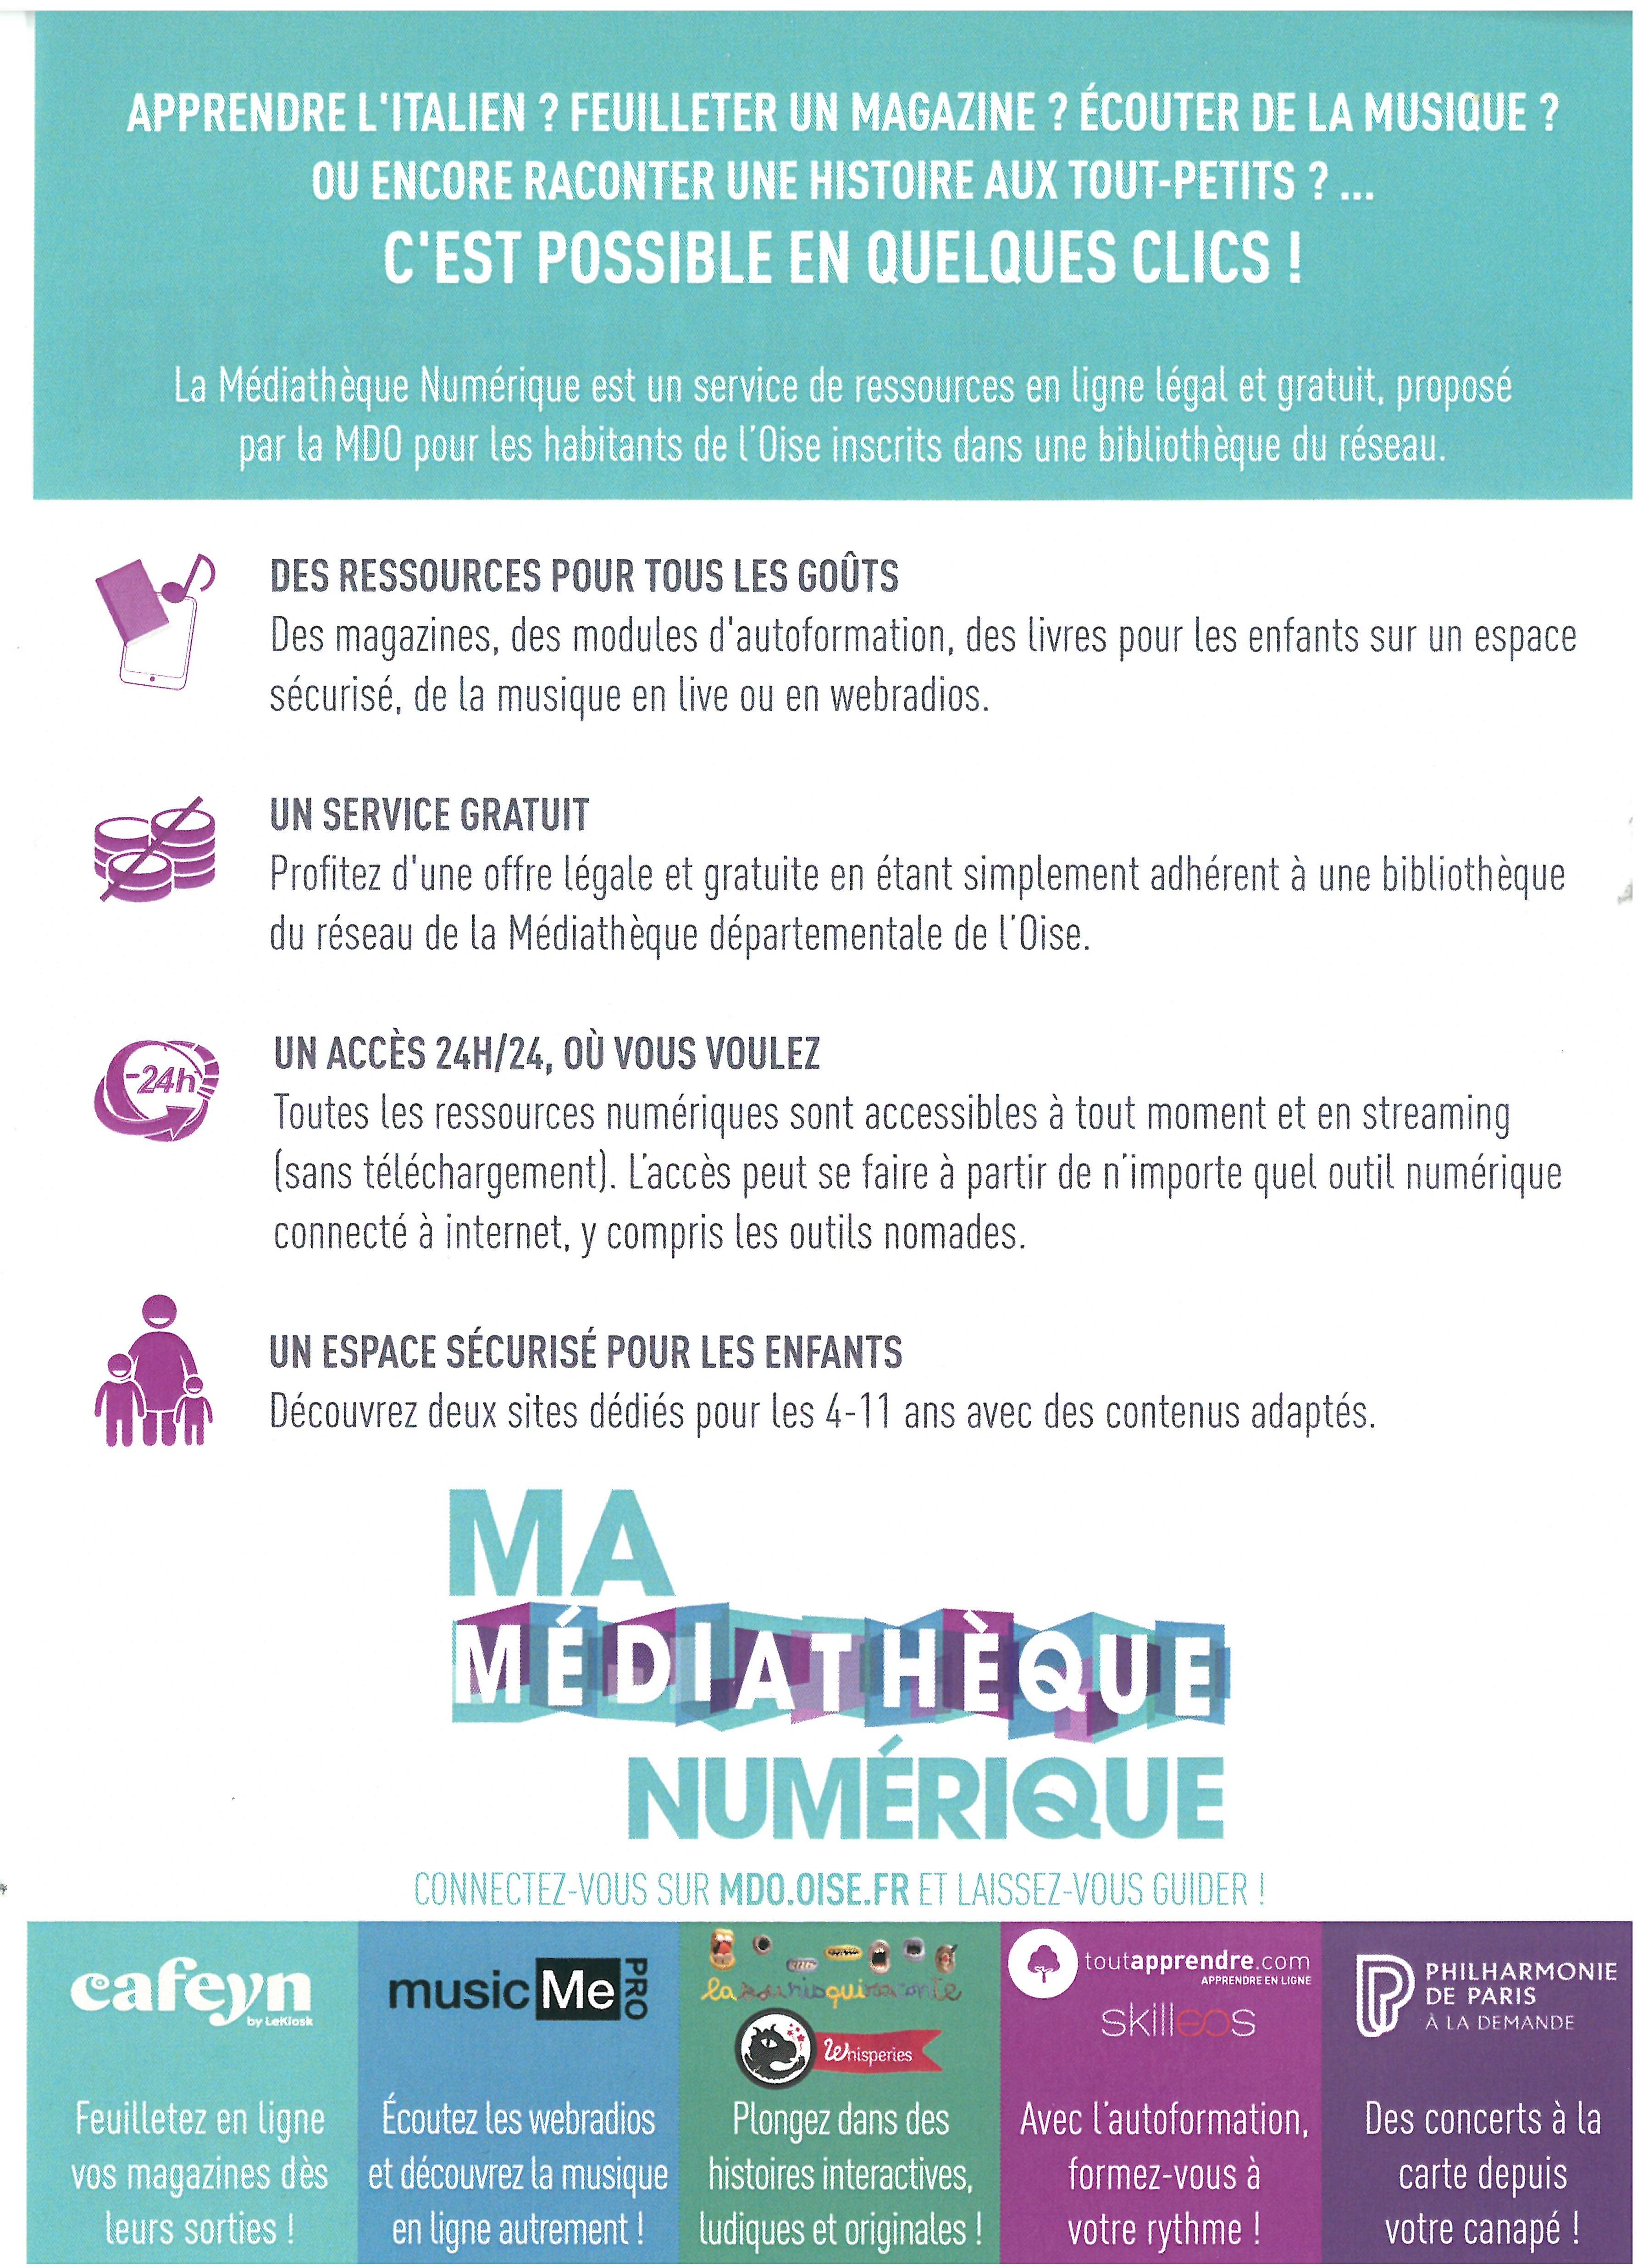 Ma médiatheque numerique 2.jpg